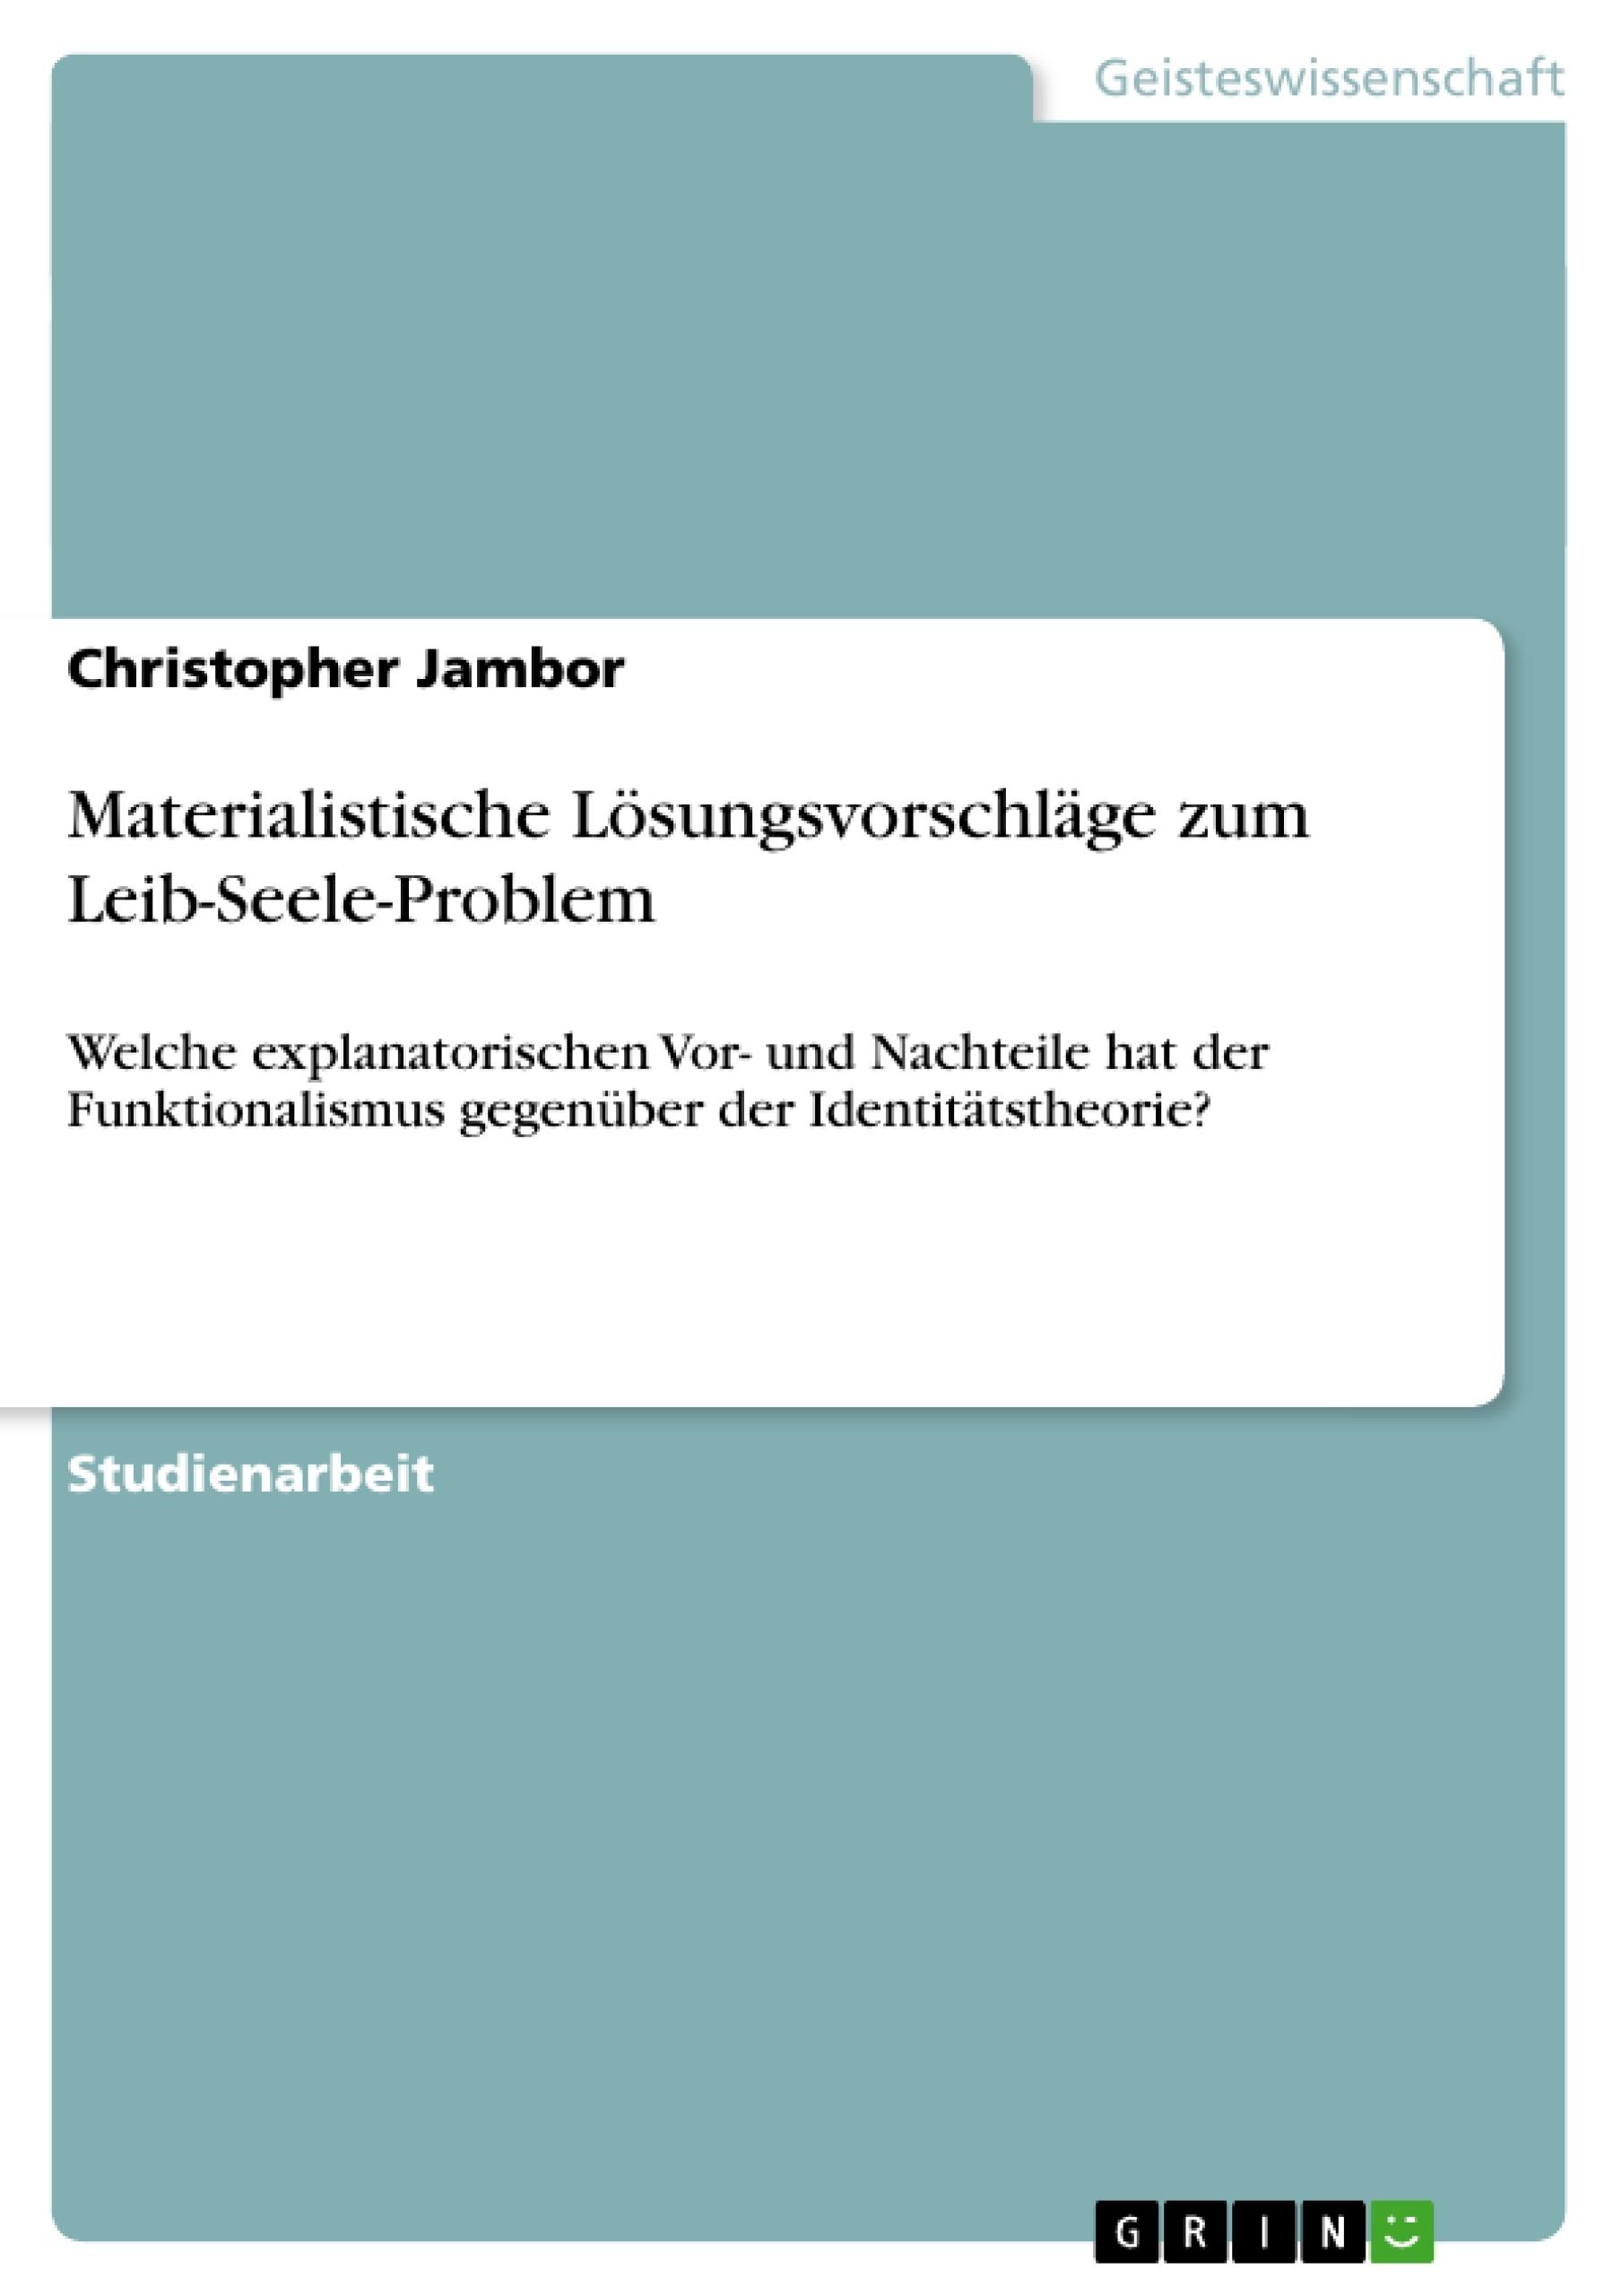 Titel: Materialistische Lösungsvorschläge zum Leib-Seele-Problem